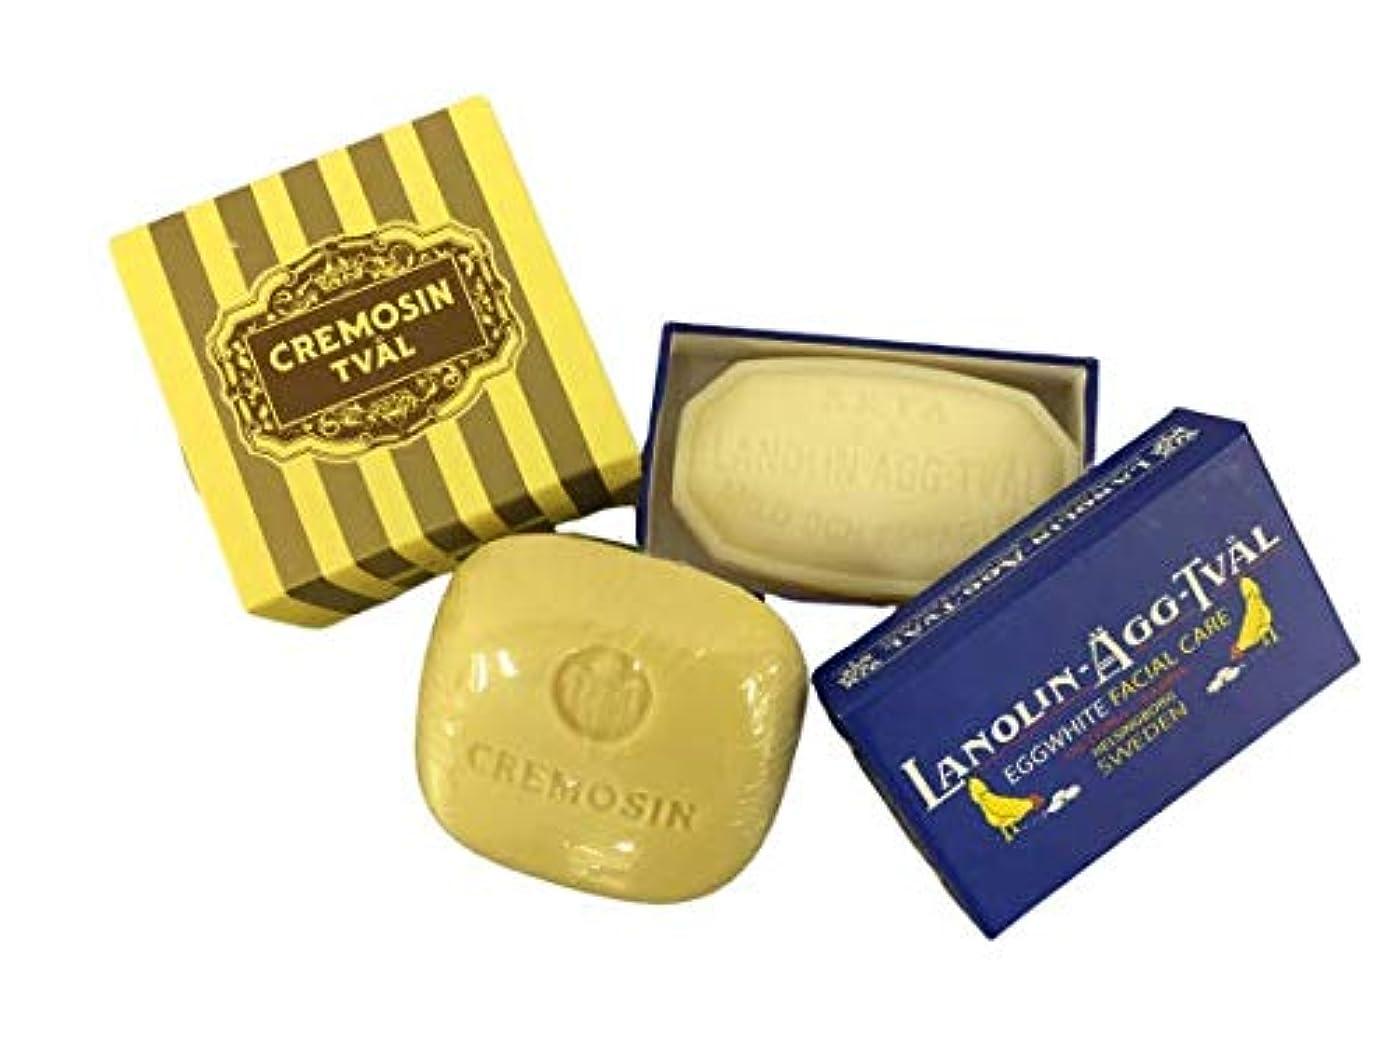 いう箱鎮痛剤お試しセット Victoria クレモシンソープ 1個&ラノリンエッグソープ 1個 ヴィクトリアソープセット